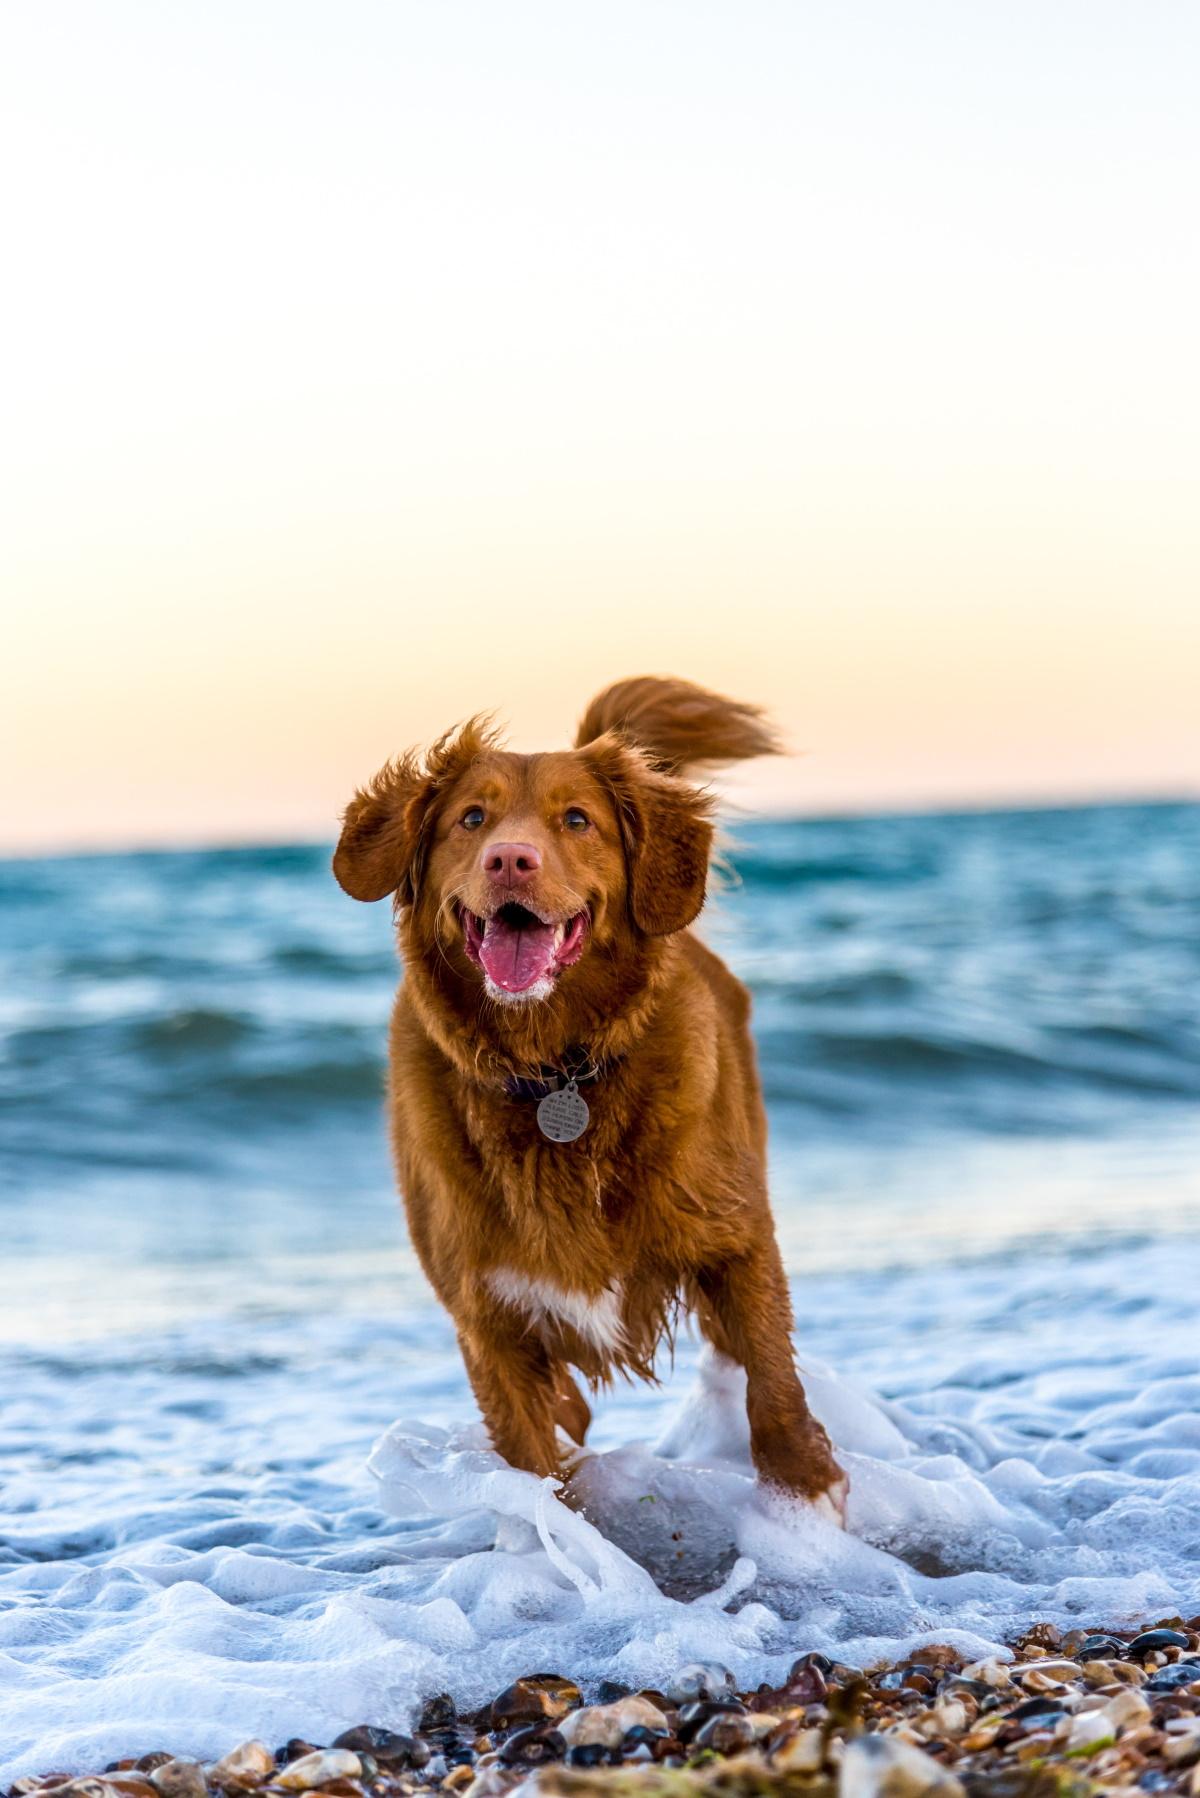 Dog running near the sea